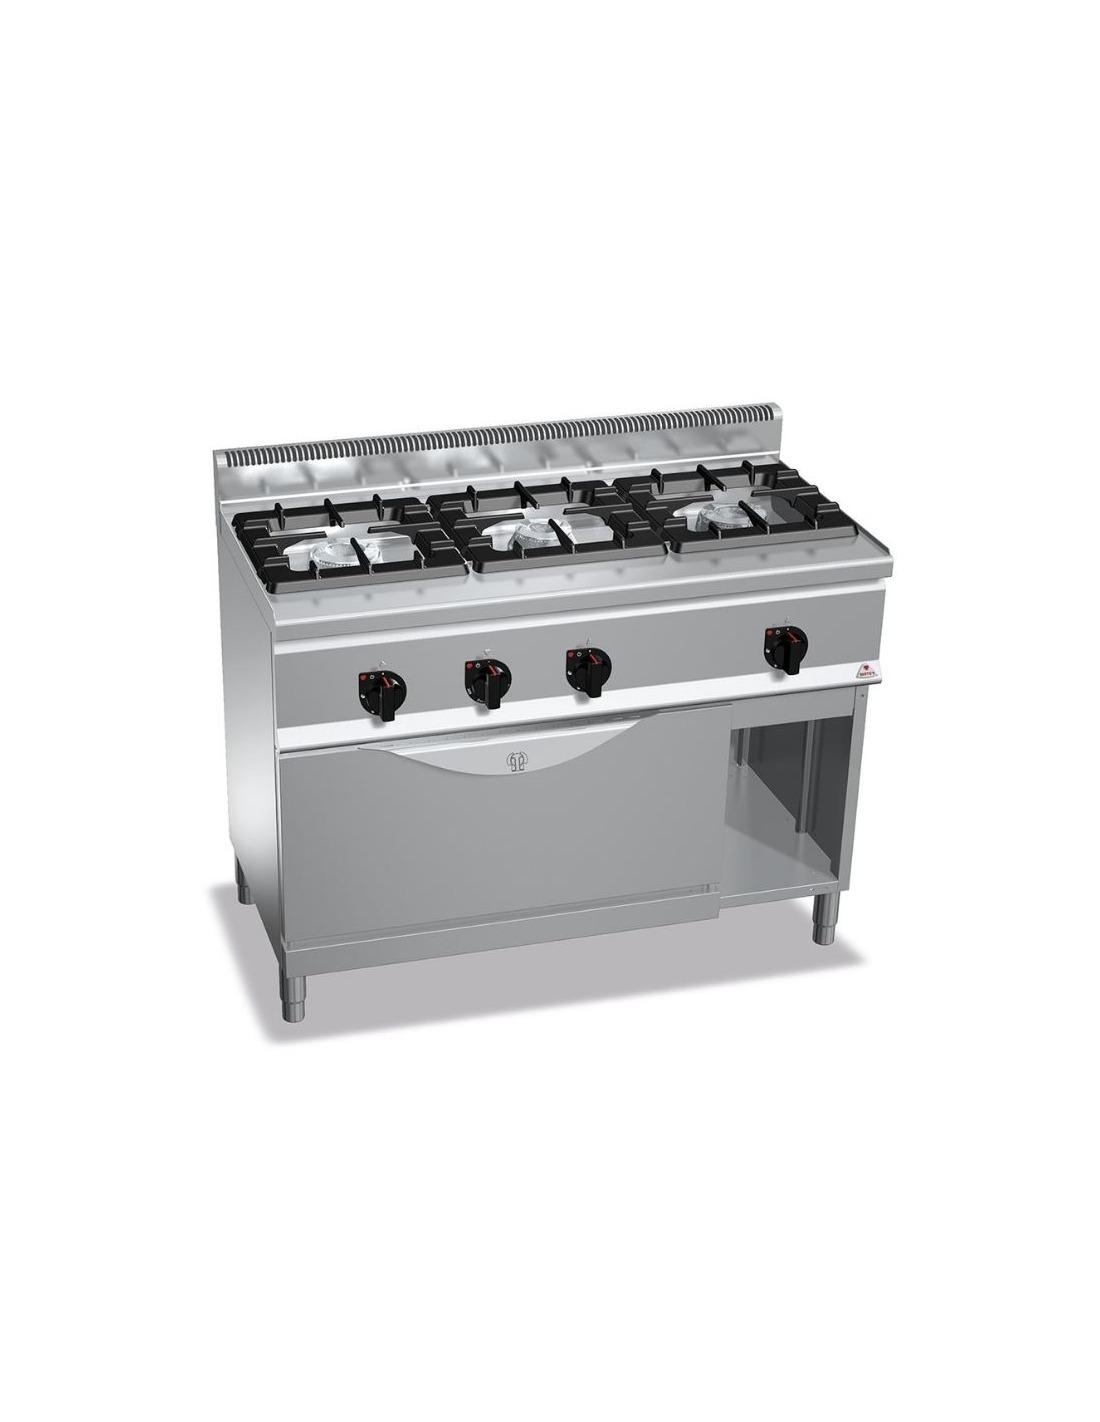 cocina industrial de 3 fuegos restaurante con horno